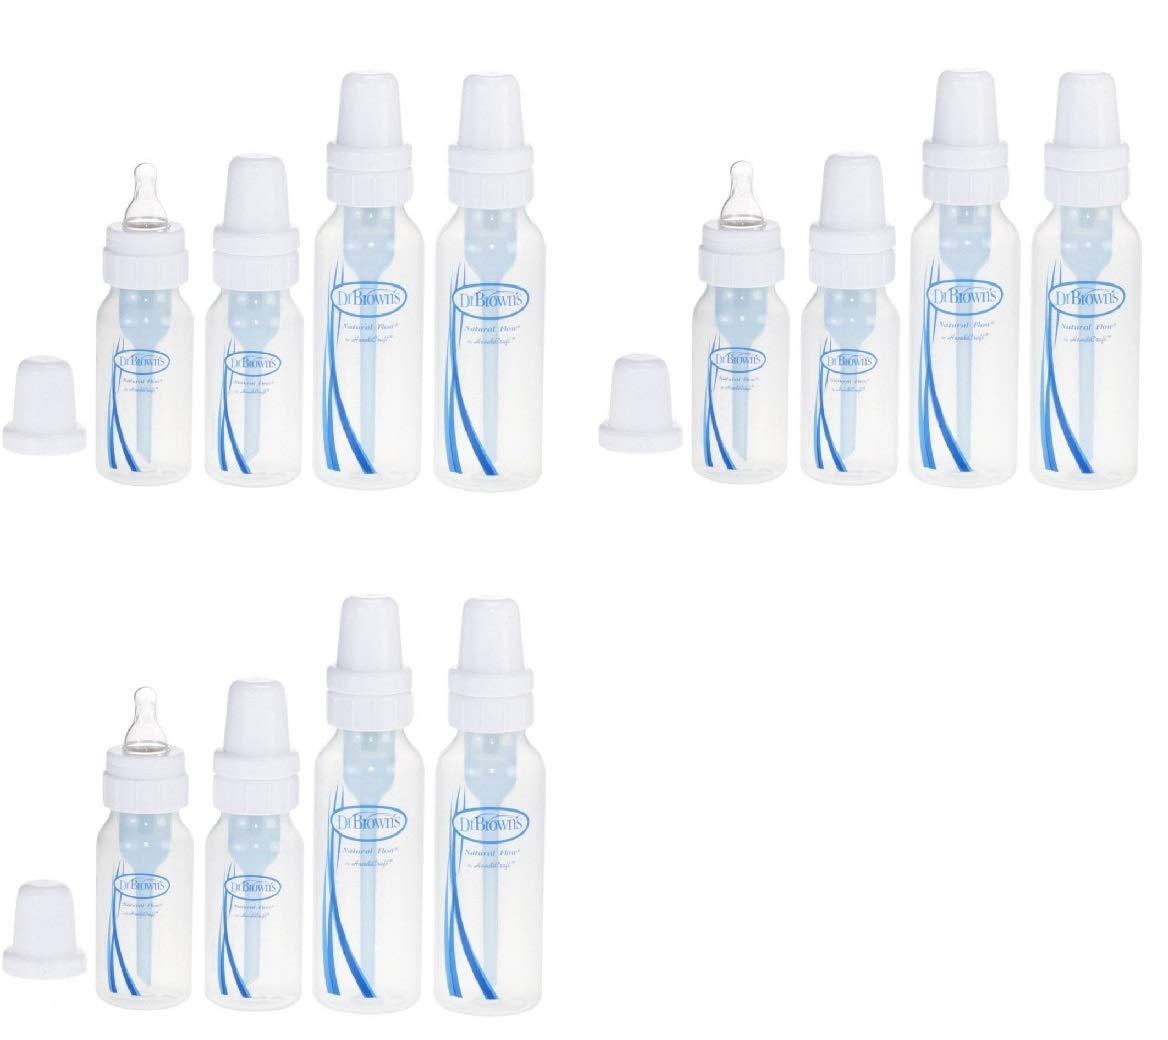 2-4 oz bottles Dr 2-8 oz bottles and Browns Bottles 4 Pack